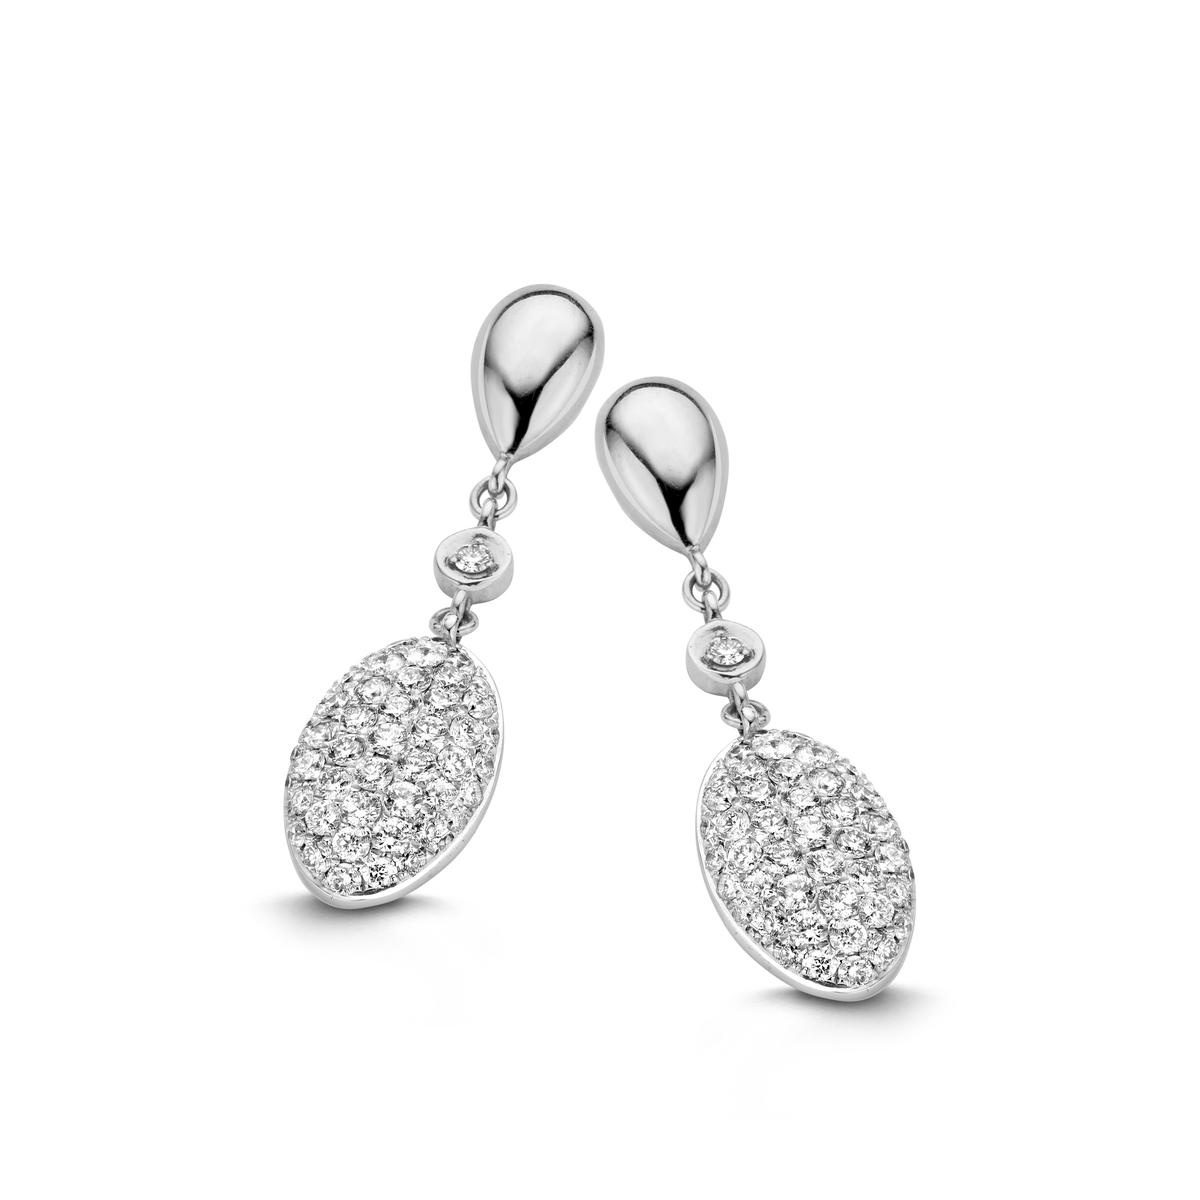 vulsini earrings in white gold